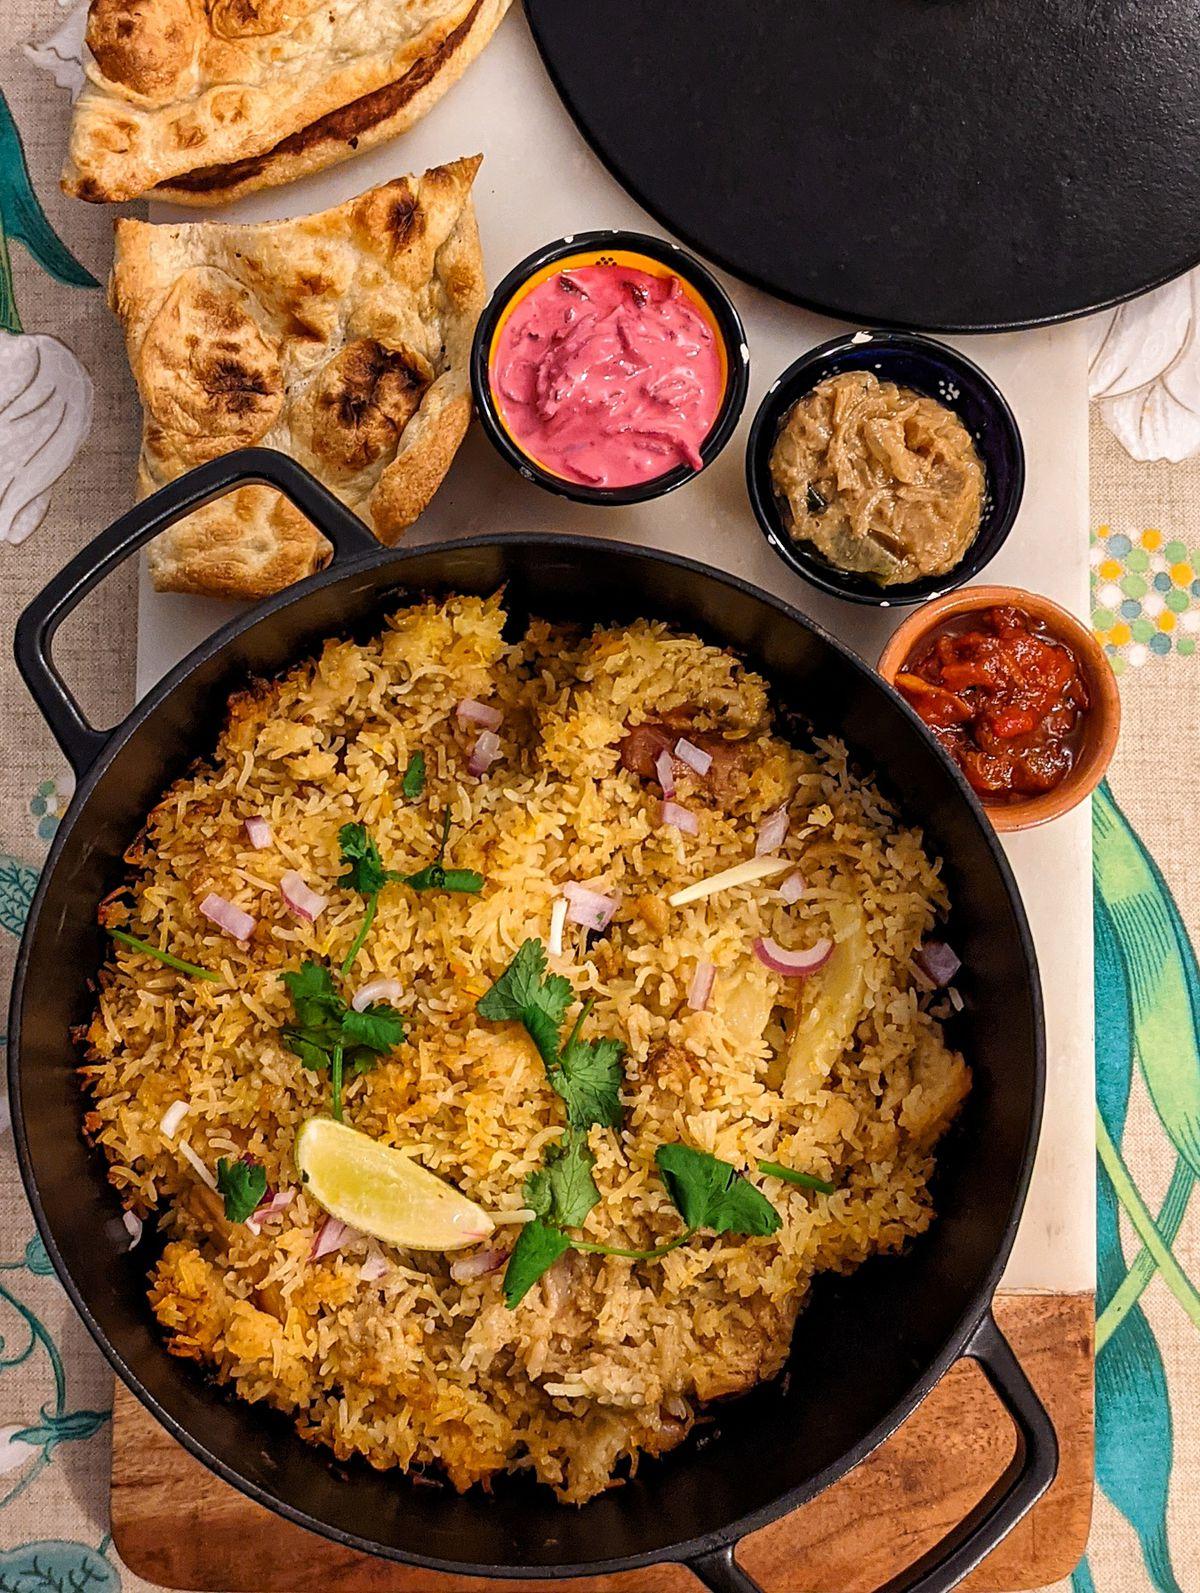 Darjeeling Express's biryani meal kit by chef Asma Khan